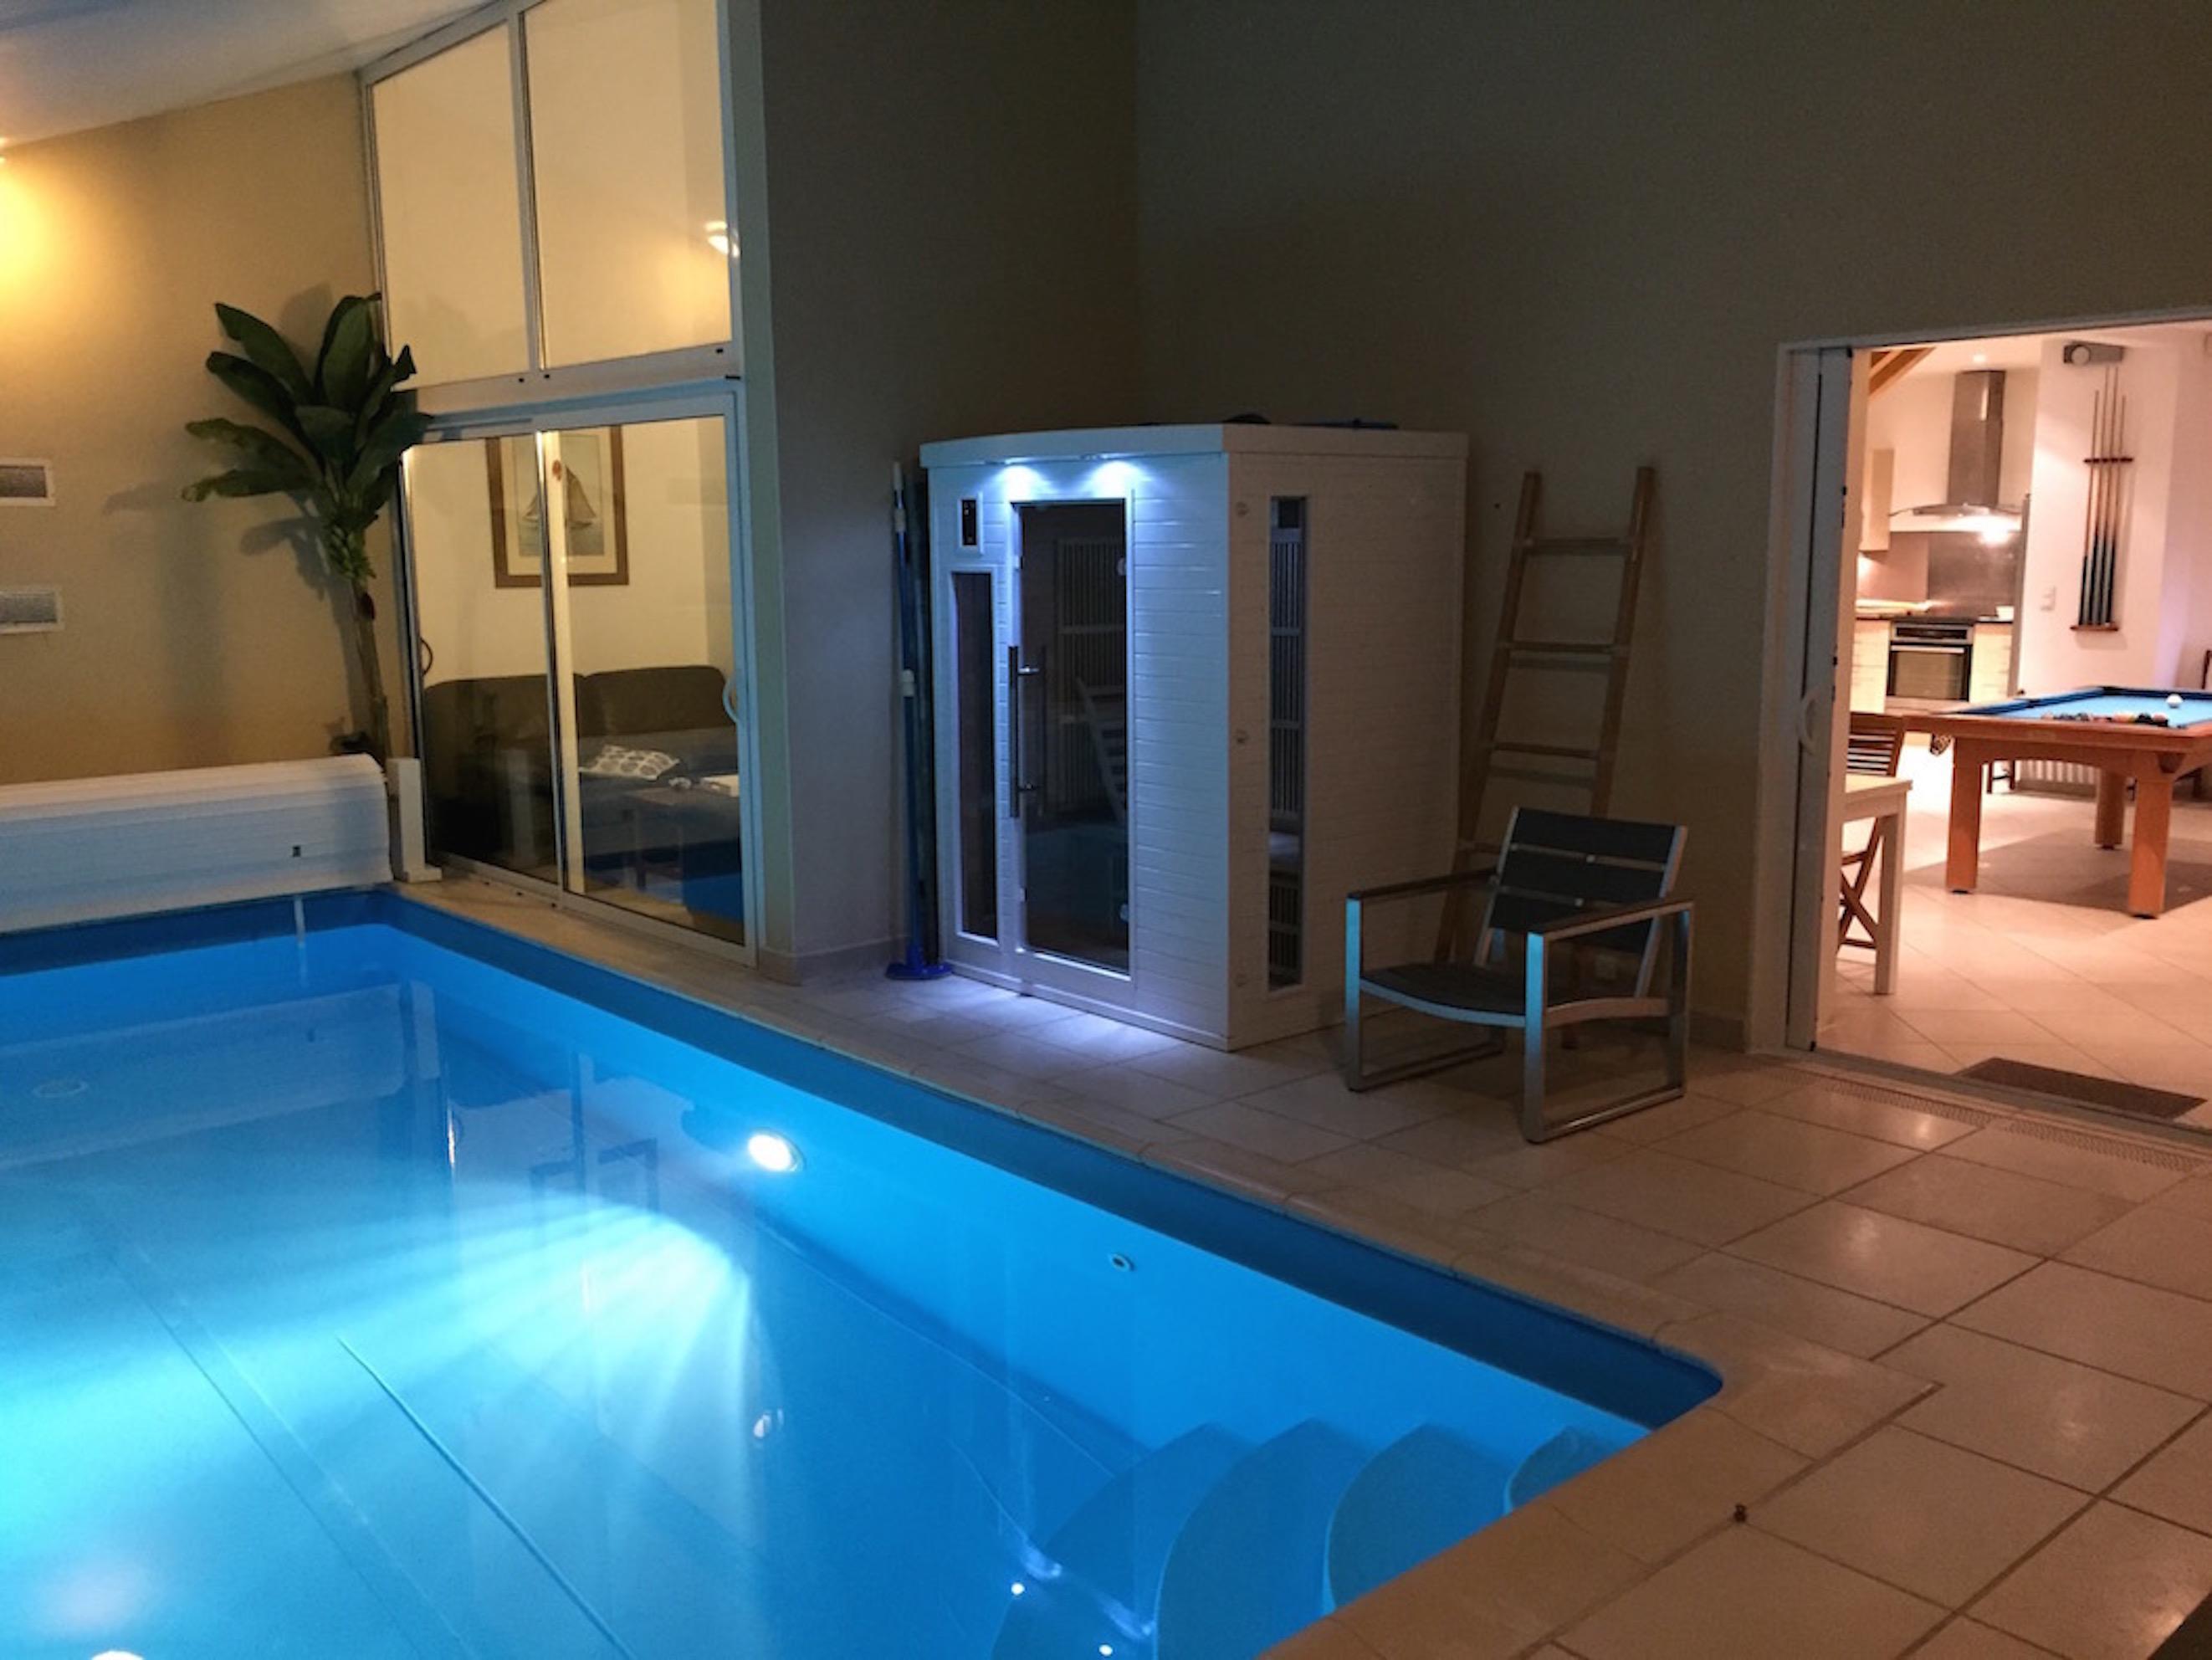 Villa gite piscine int rieure priv e couverte villa eden for Piscine interieure privee